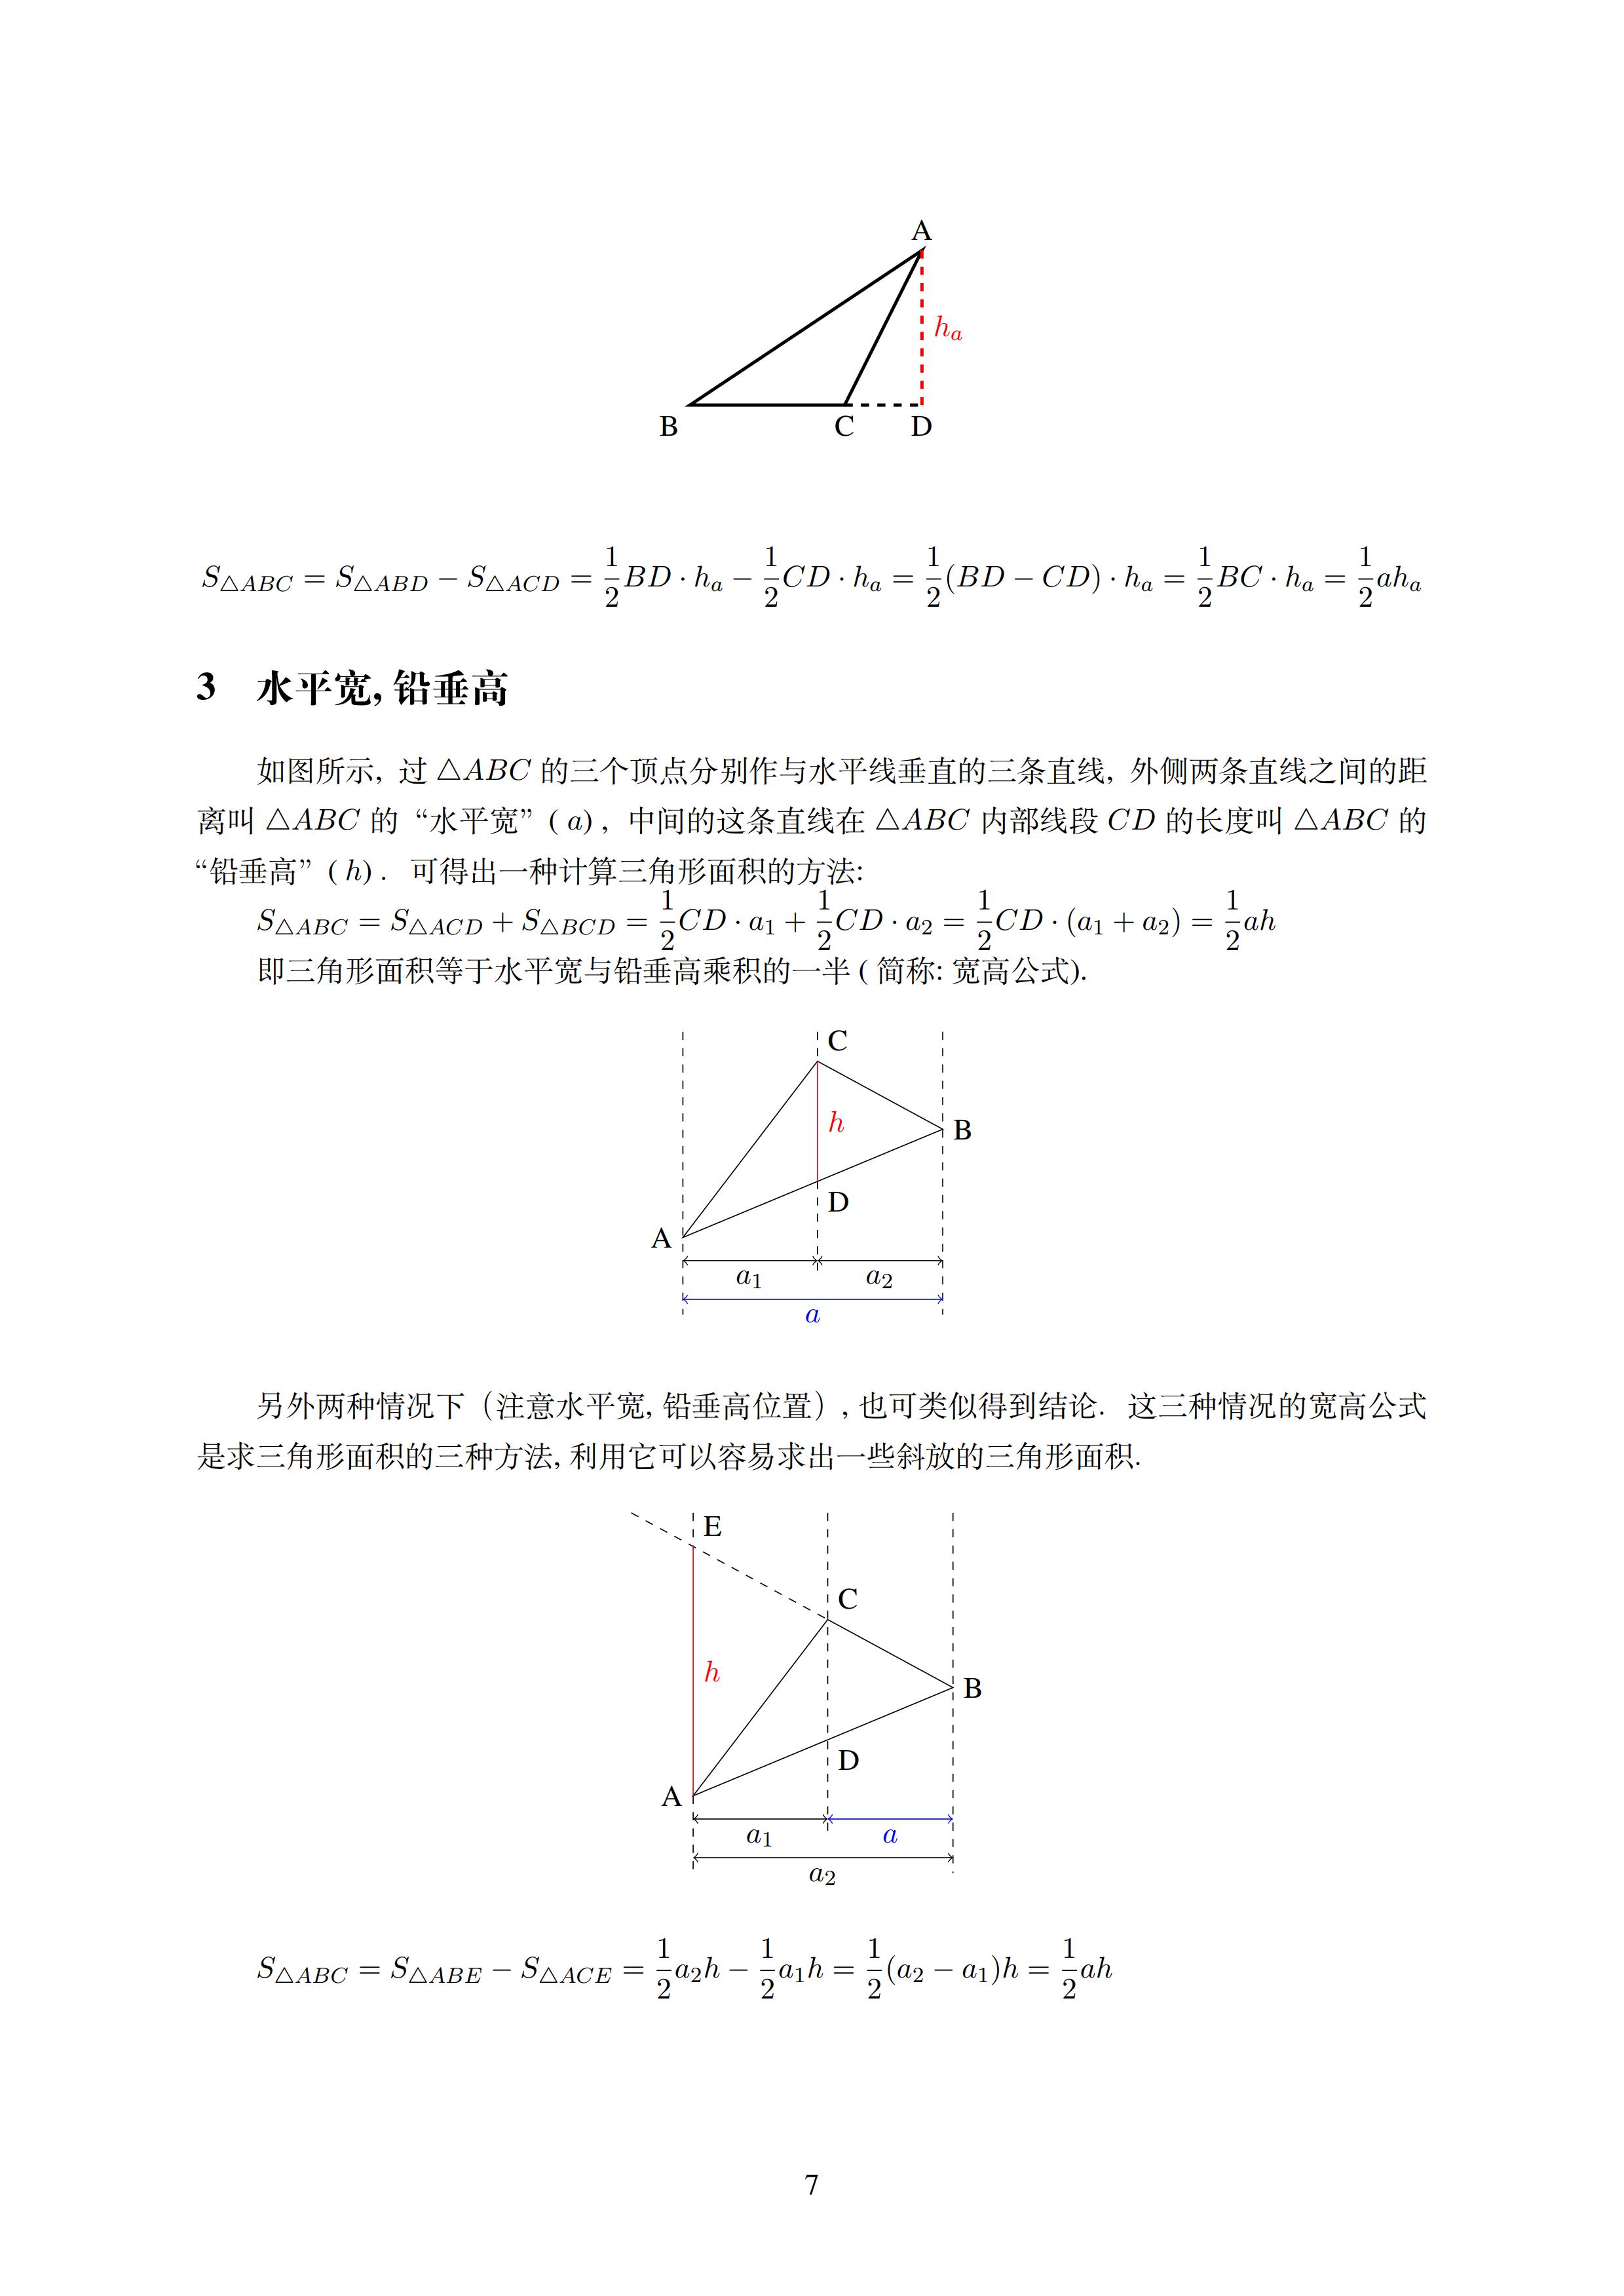 三角形面积公式渊流和示例